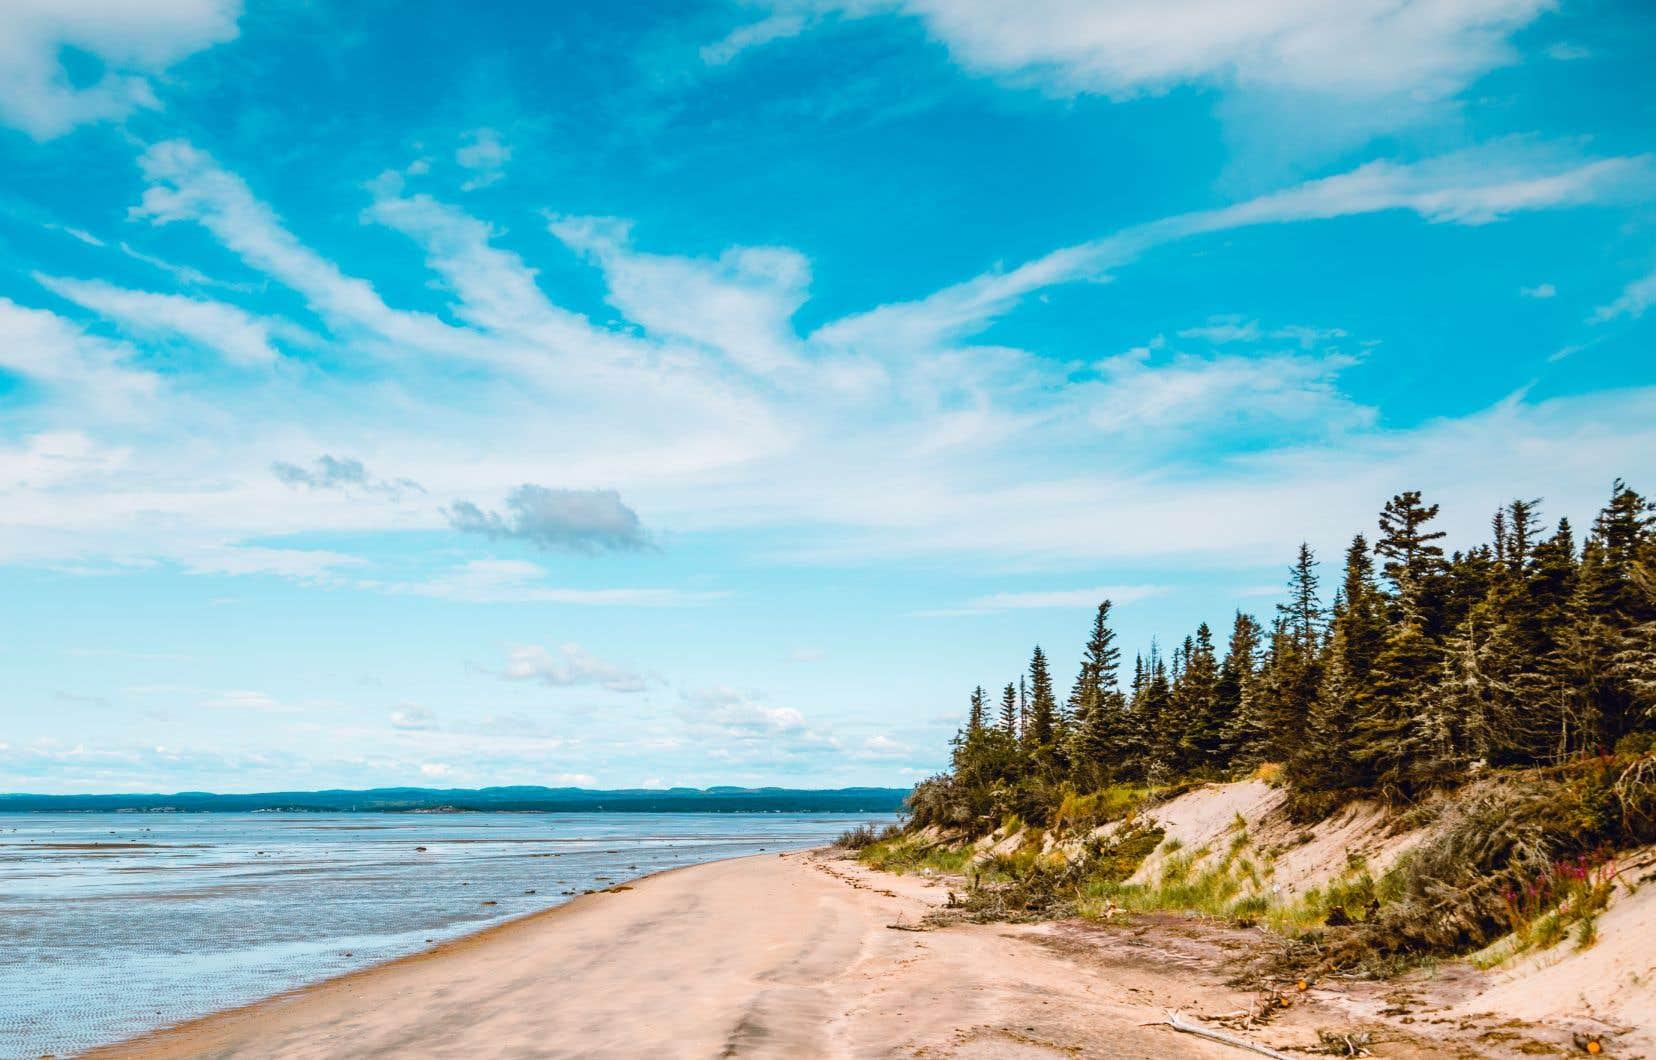 La plage de la Pointe-aux-Outardes, dans la péninsule de Manicouagan, sur la Côte-Nord. En février2018, le gouvernement libéral avait annoncé un investissement «de plus de 32millions de dollars» pour valoriser l'innovation et stimuler la croissance économique de la région.